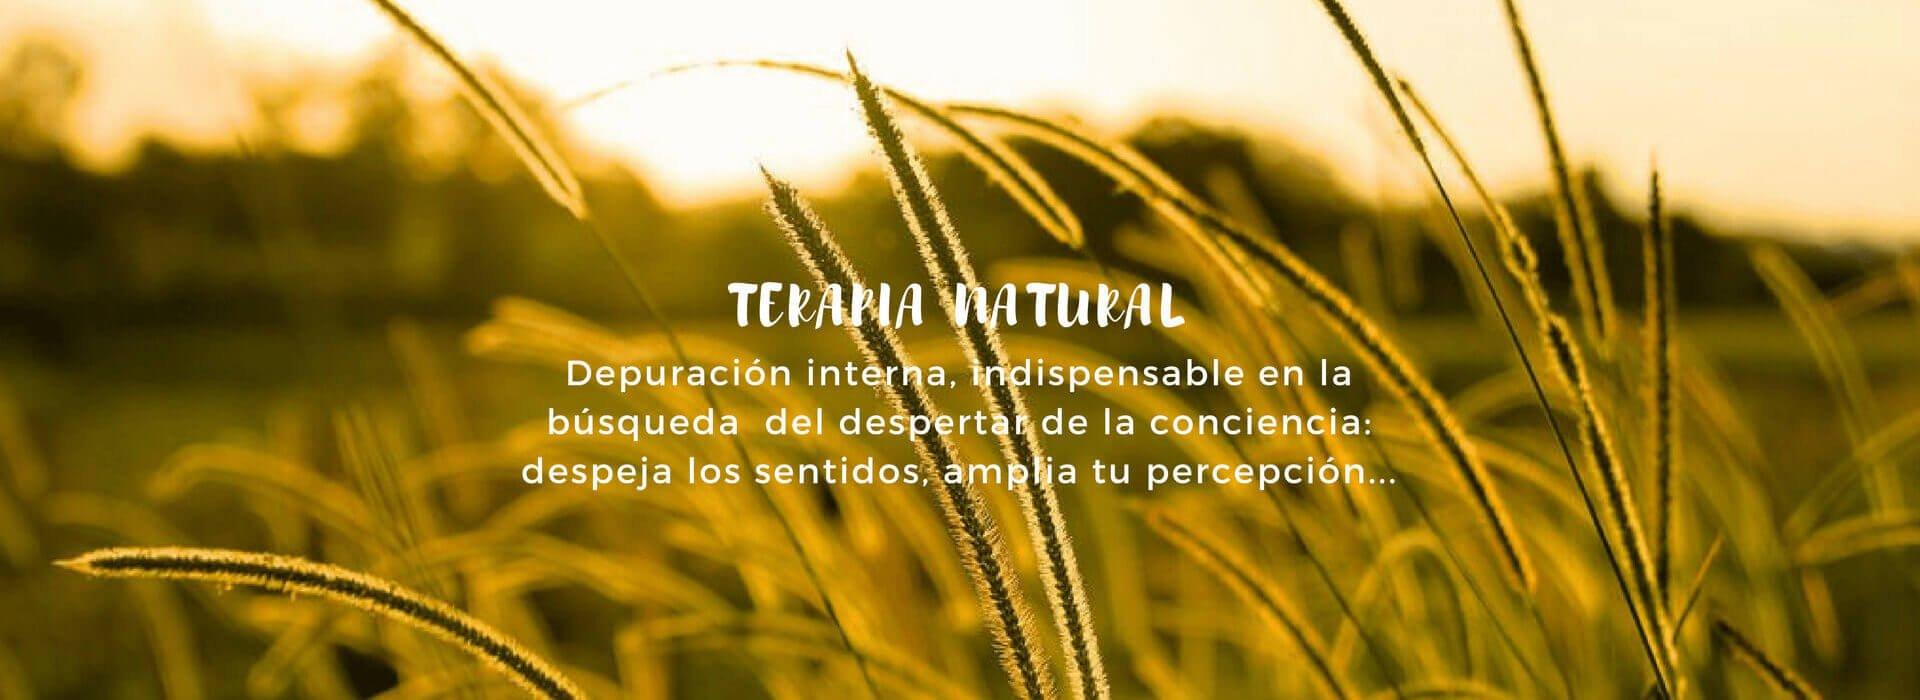 DePura Terapia Colónica es una Terapia Natural